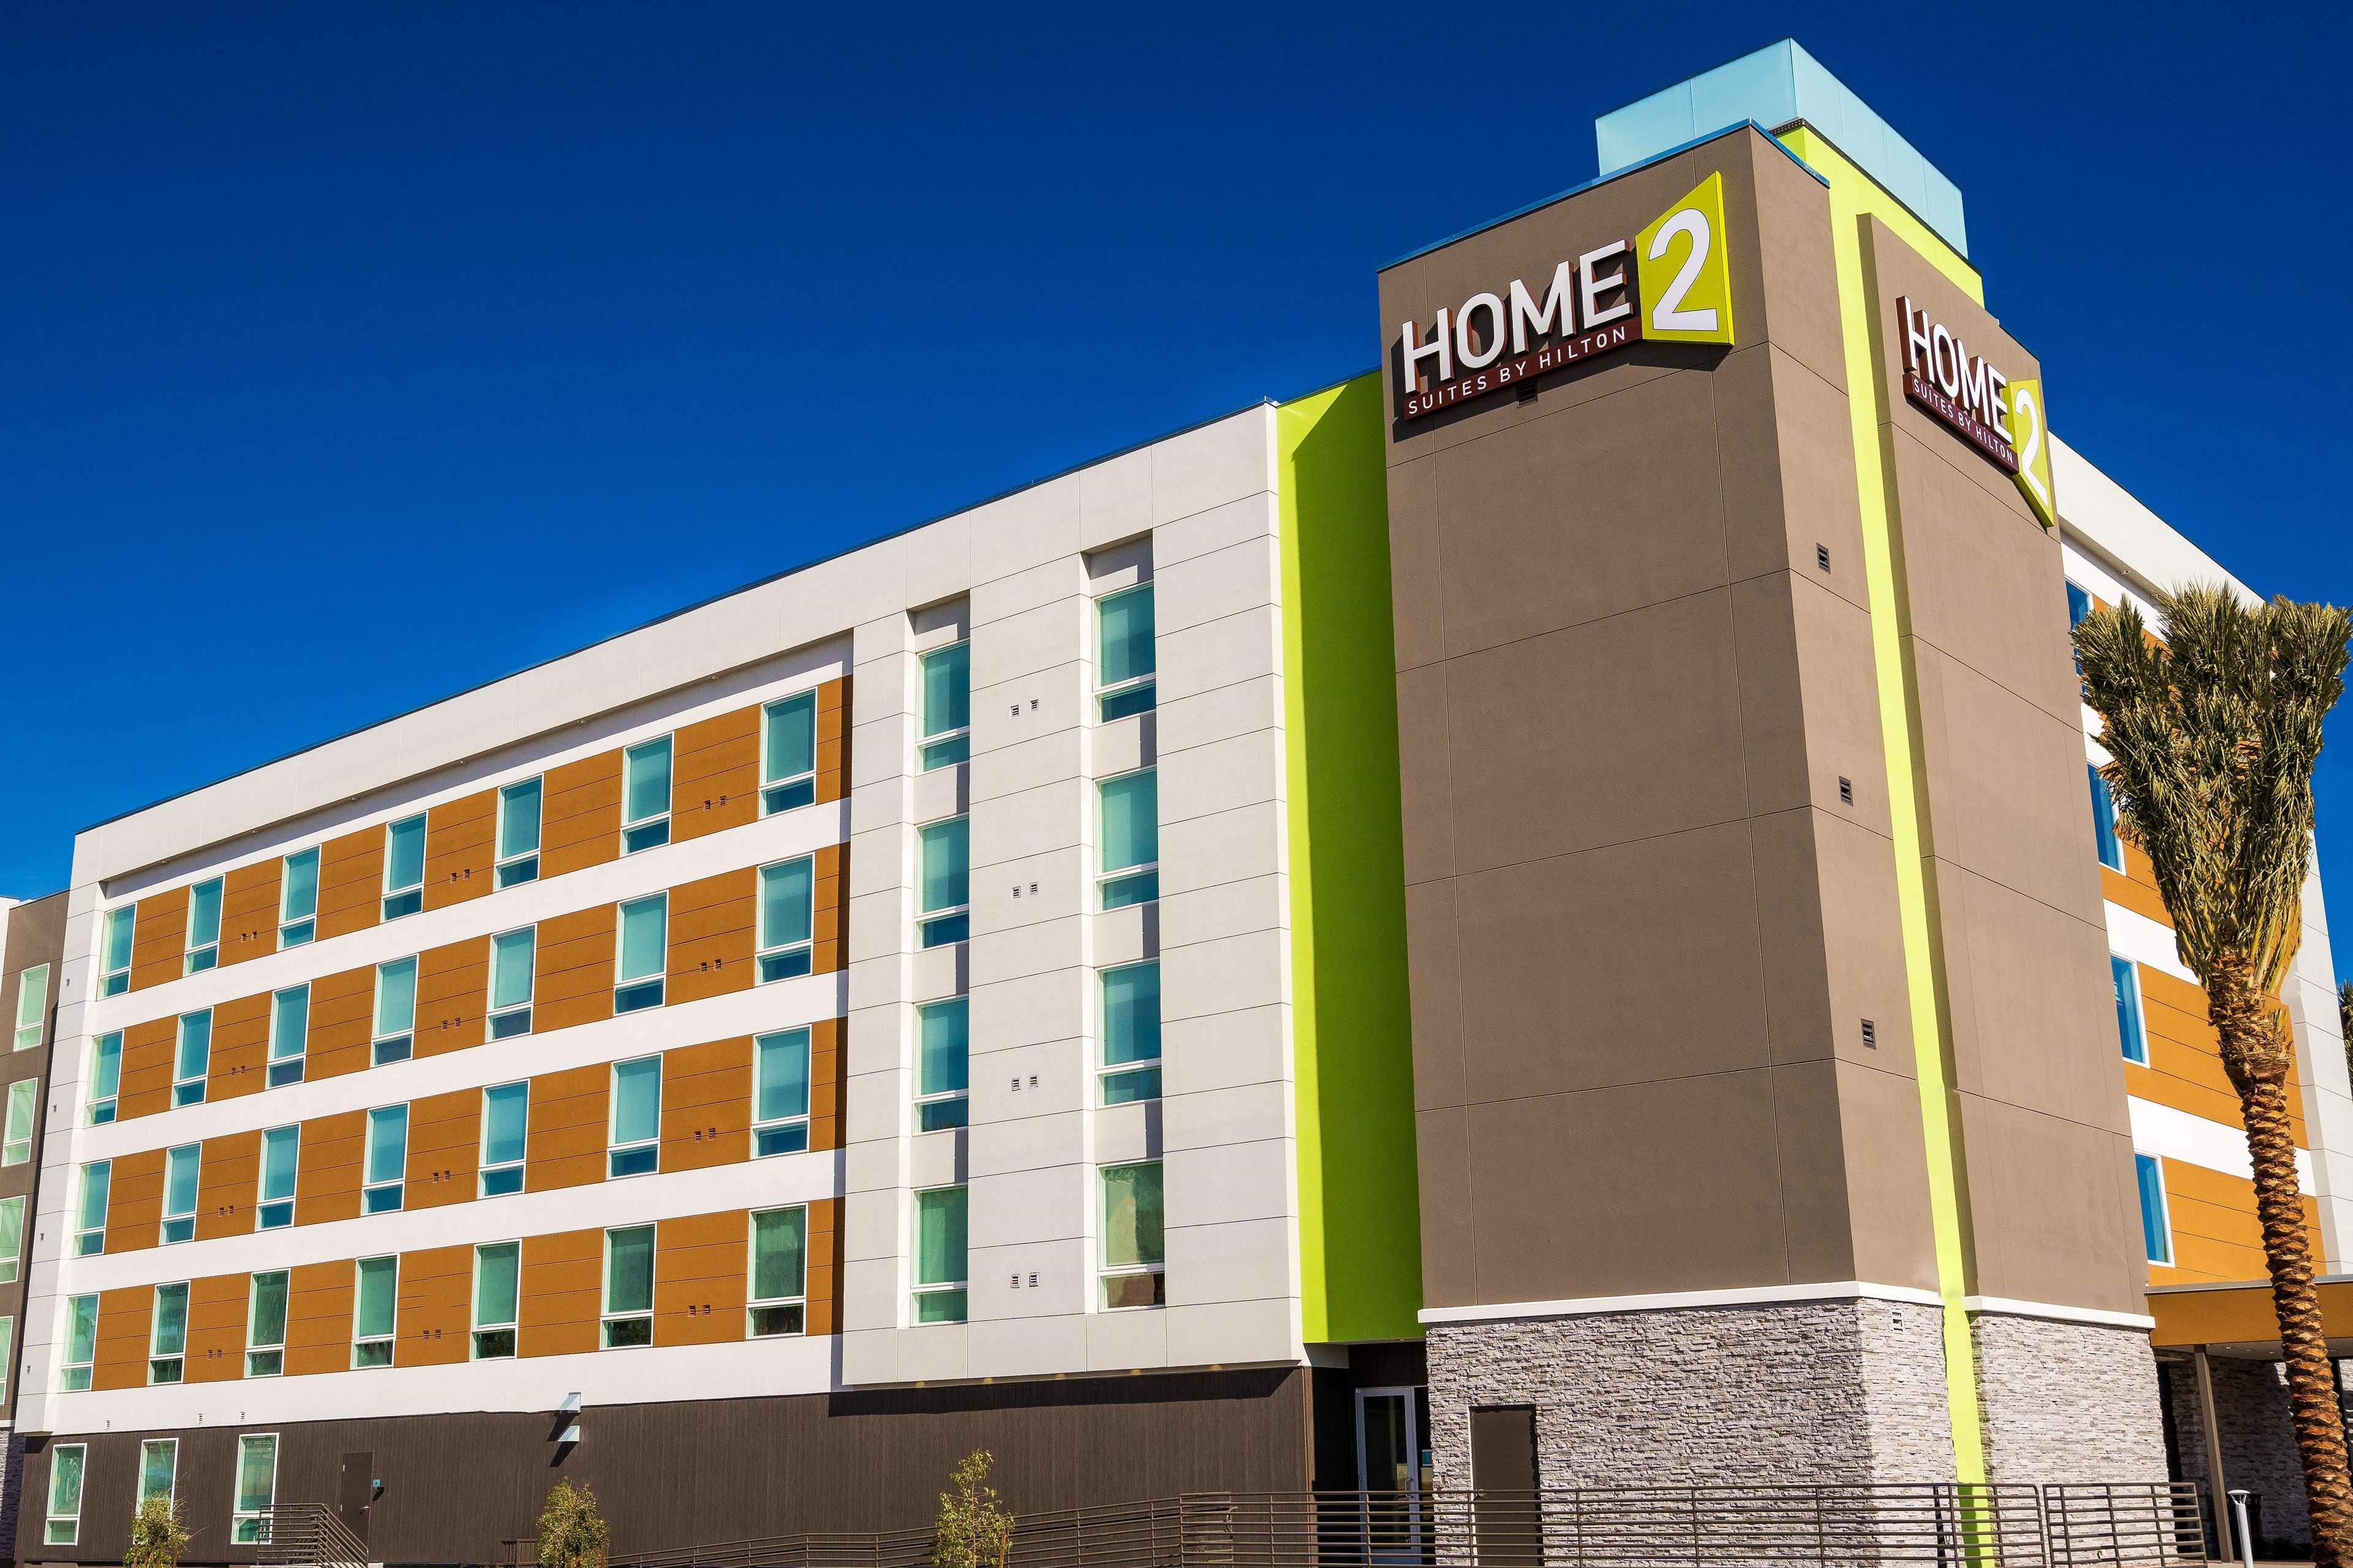 Home2 Suites By Hilton Las Vegas City Center